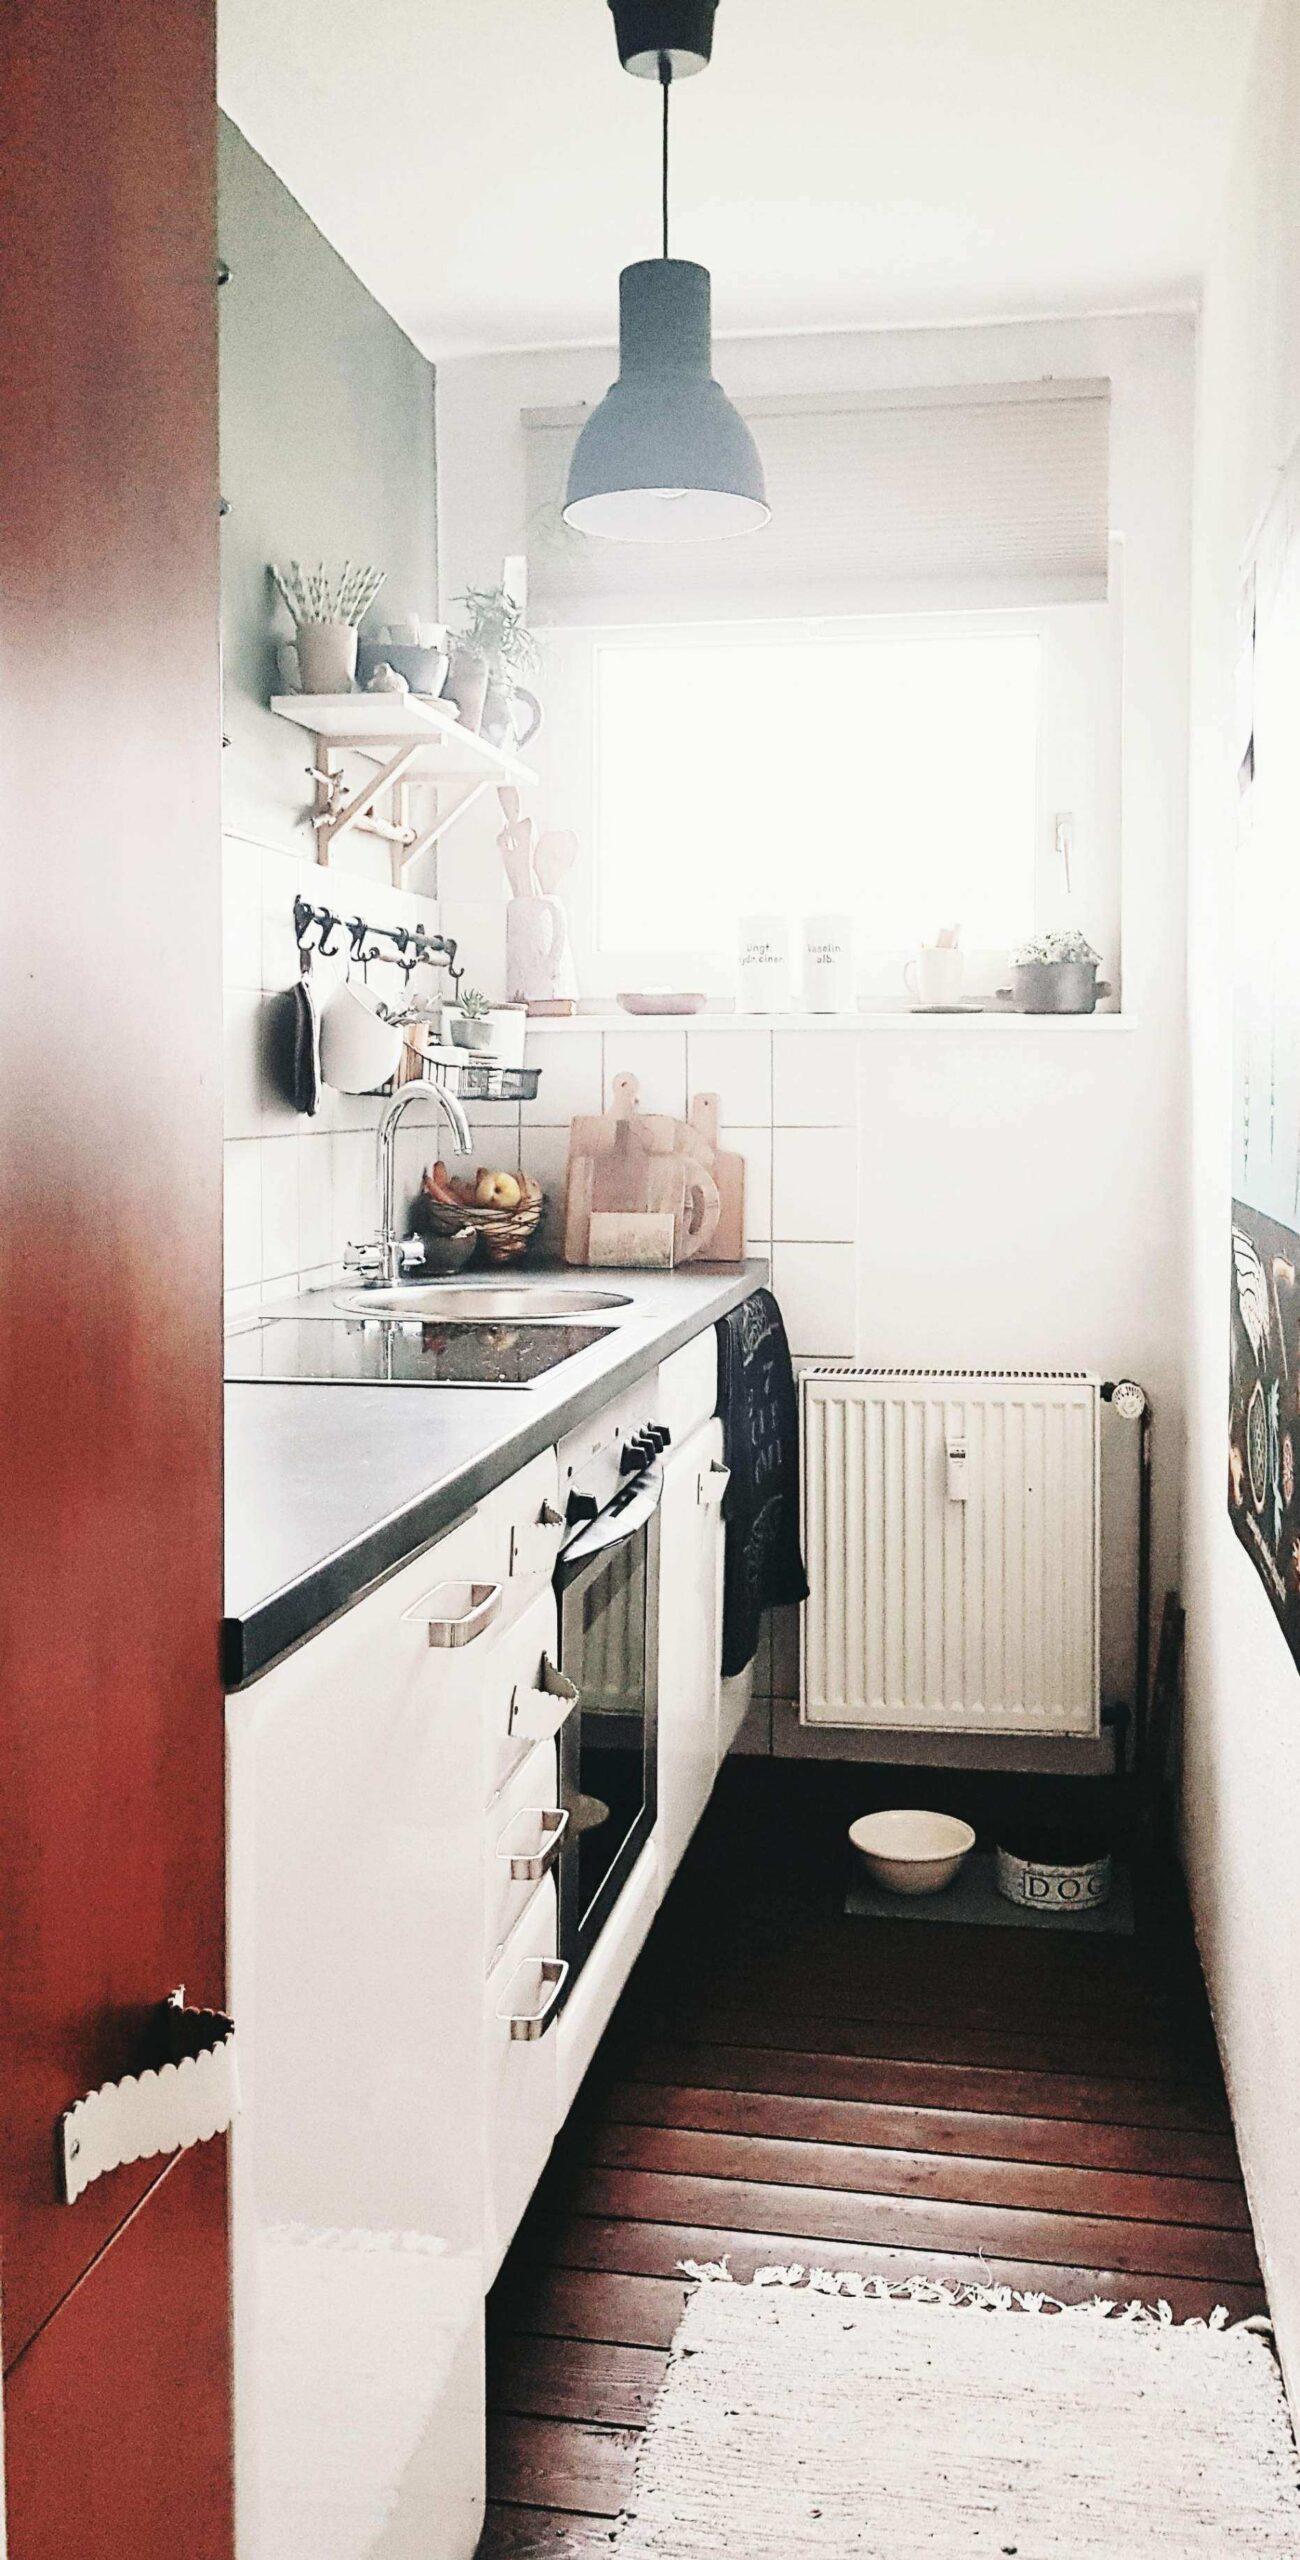 Full Size of Landhausküche Einrichten Wohnung Gnstig Genial Neu Durchreiche Kche Wohnzimmer Badezimmer Weisse Grau Moderne Kleine Küche Gebraucht Weiß Wohnzimmer Landhausküche Einrichten